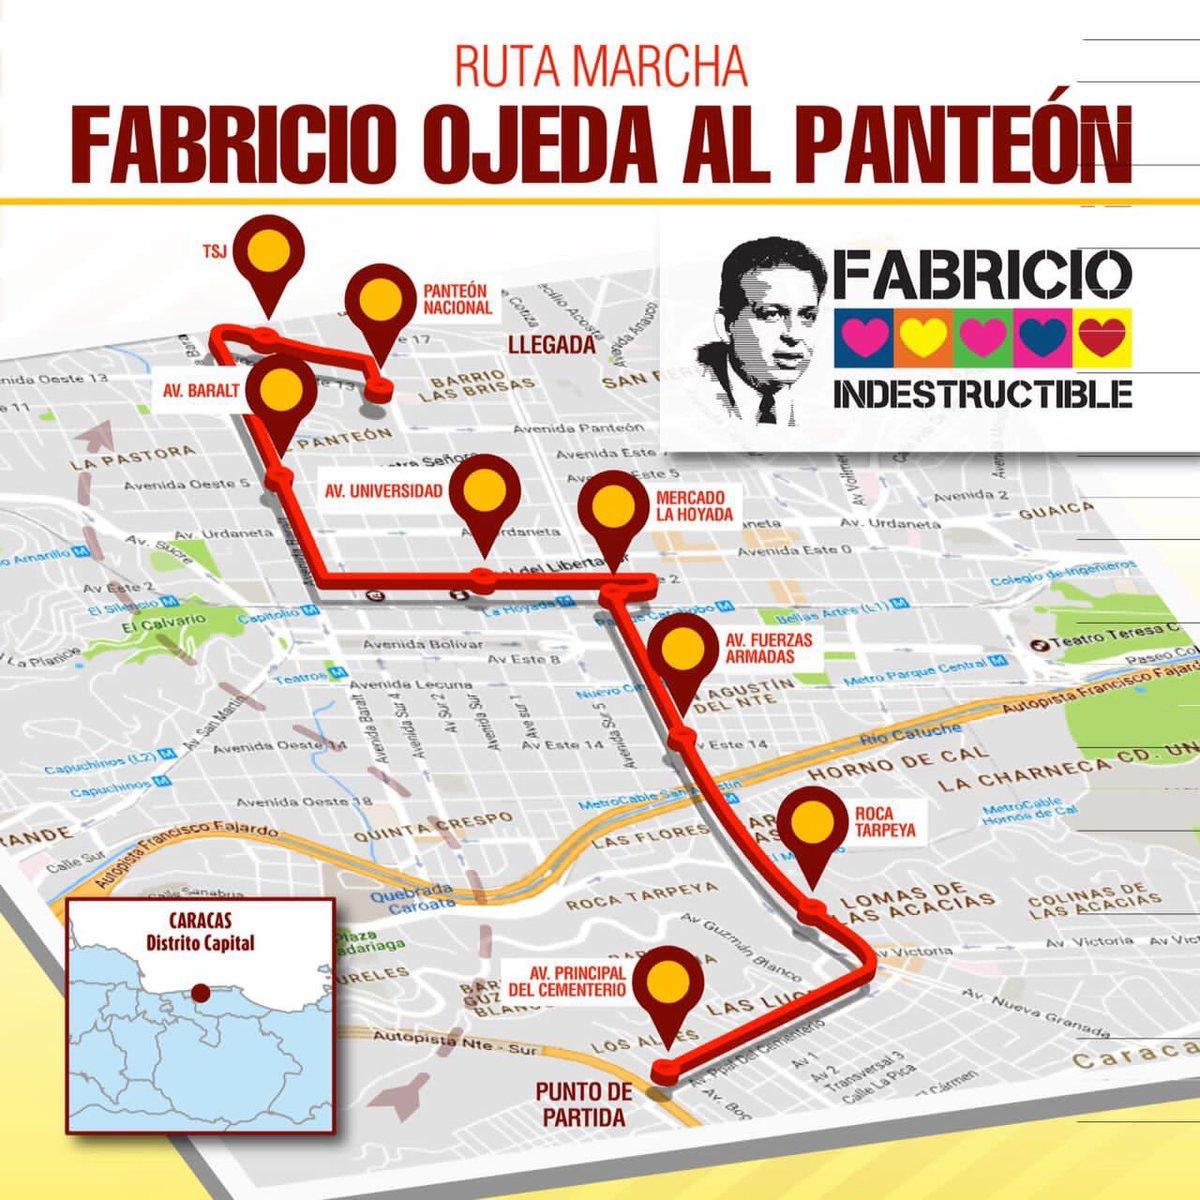 ¡Con FABRICIO OJEDA hasta el Panteón! #AQUÍ la ruta de nuestra moviliz...